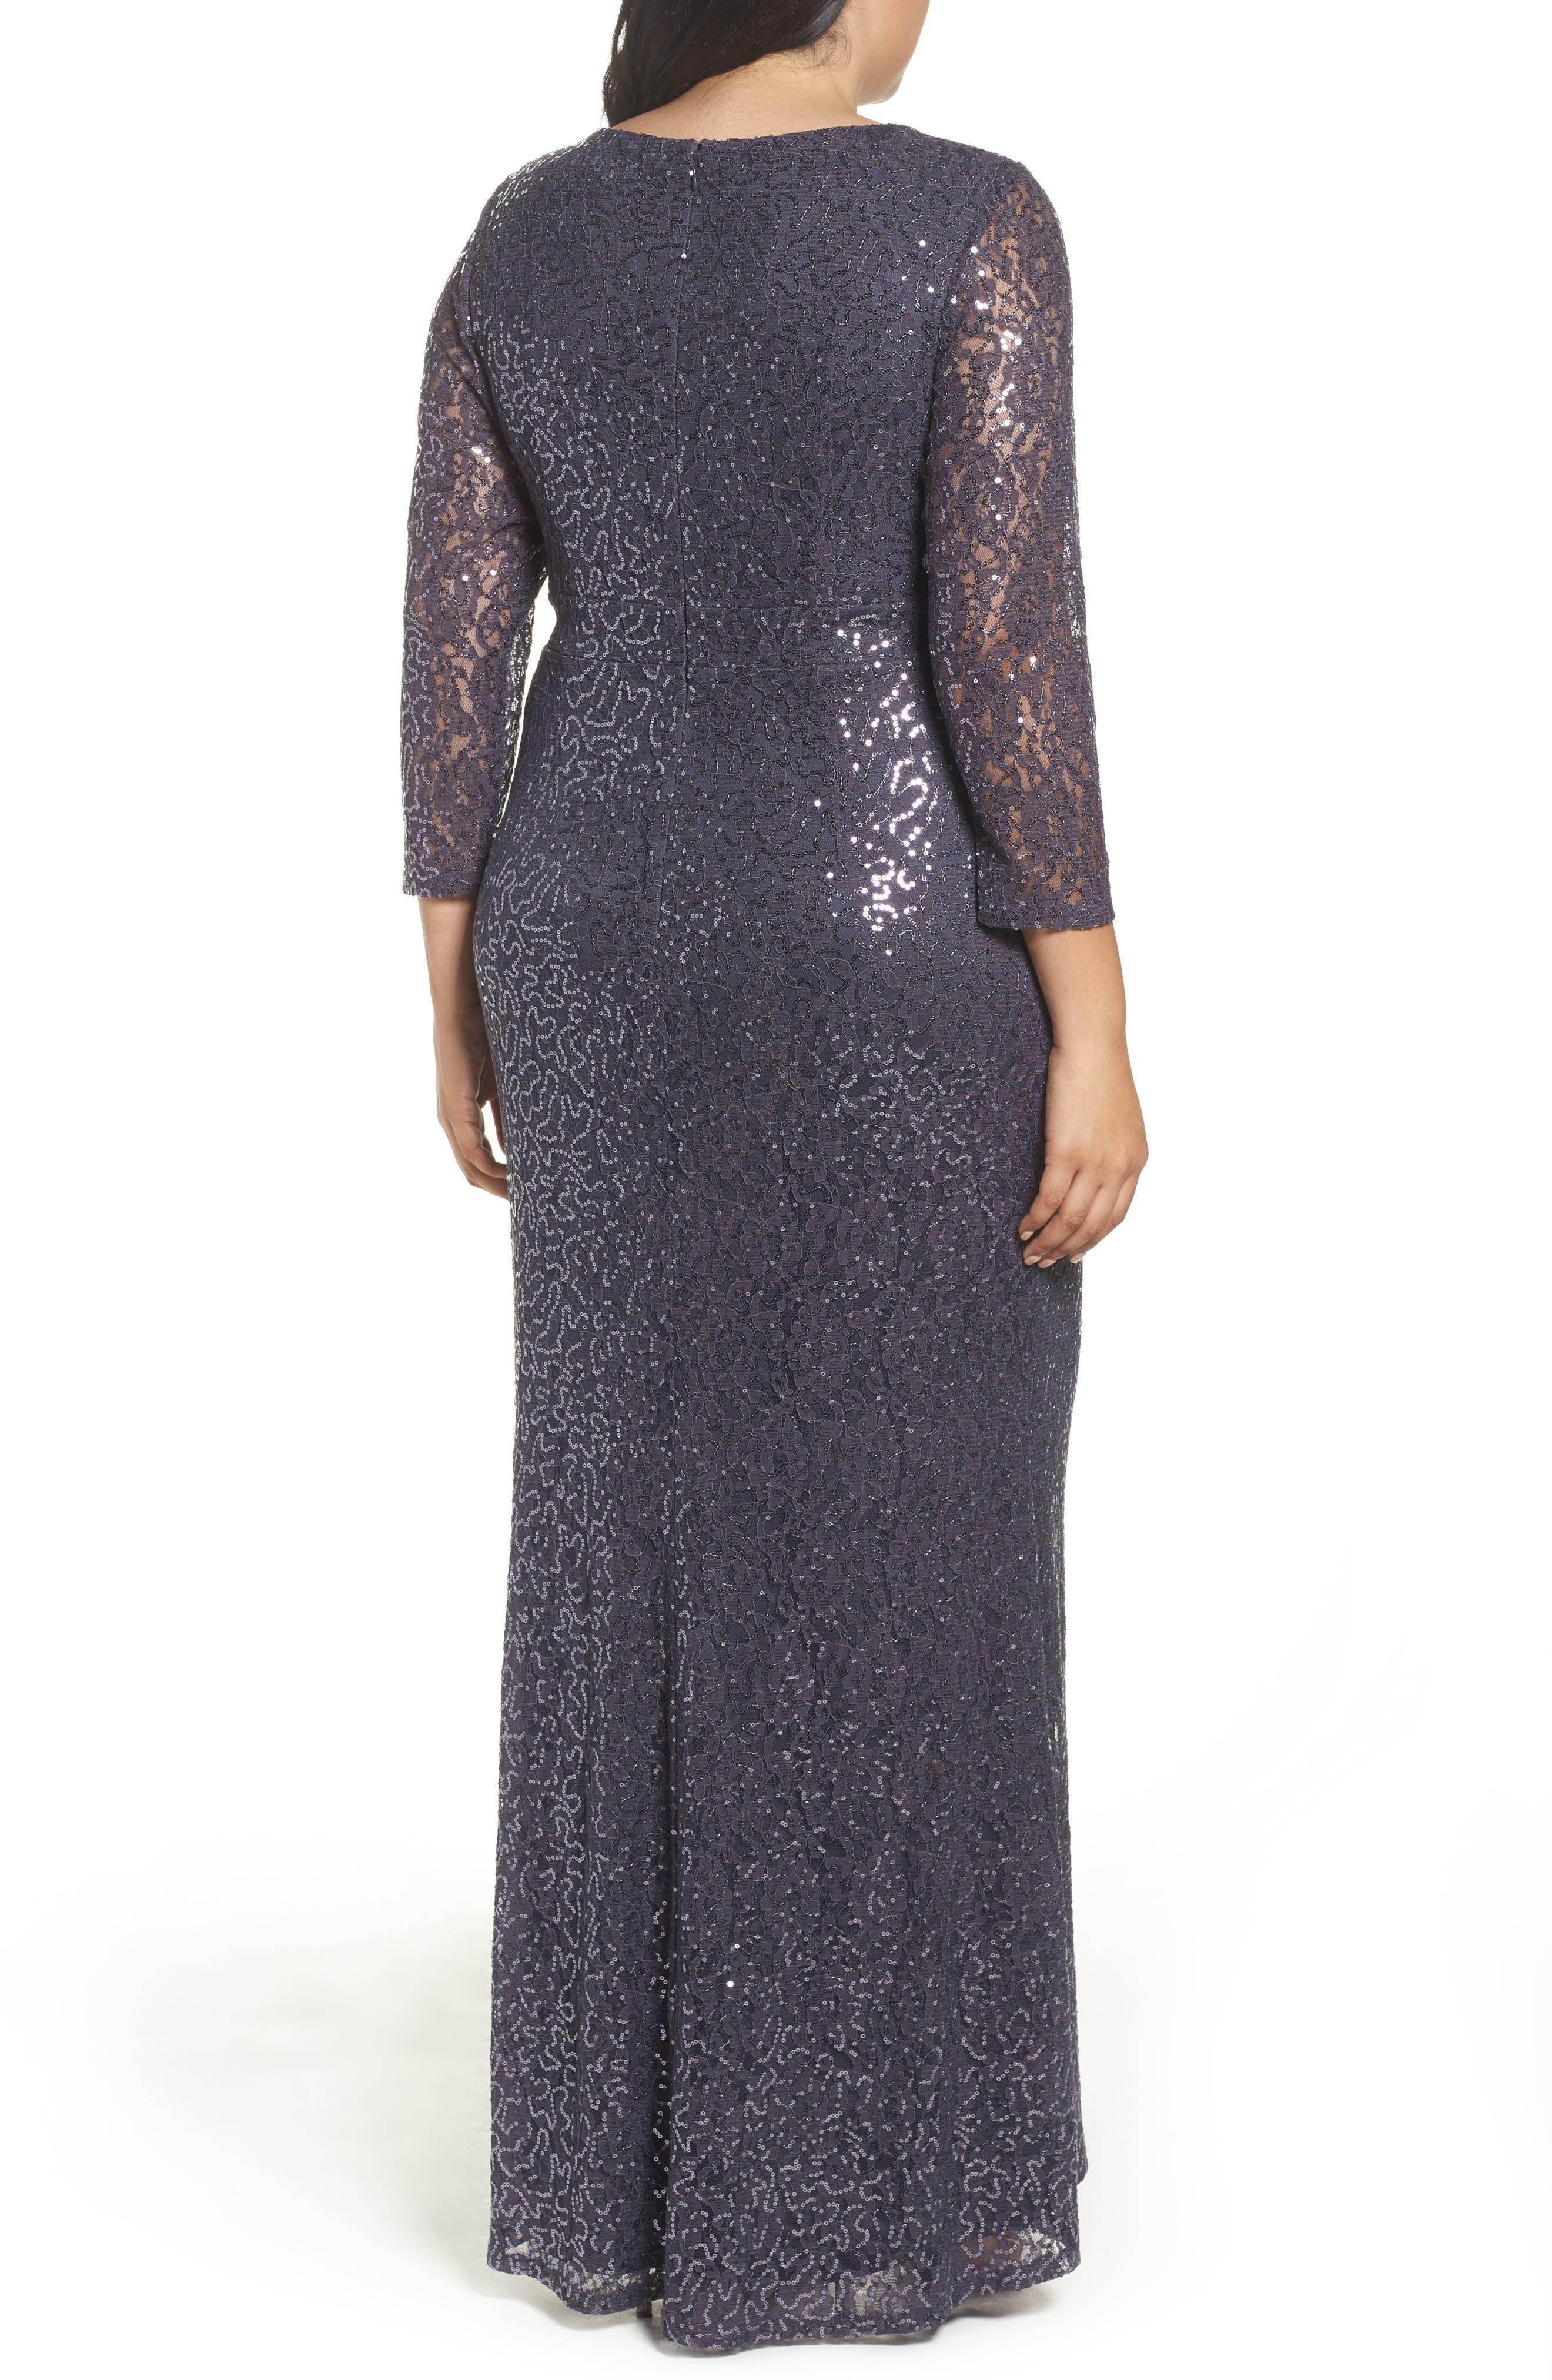 Sequin Lace A-Line Gown,                             Alternate thumbnail 2, color,                             GUNMETAL